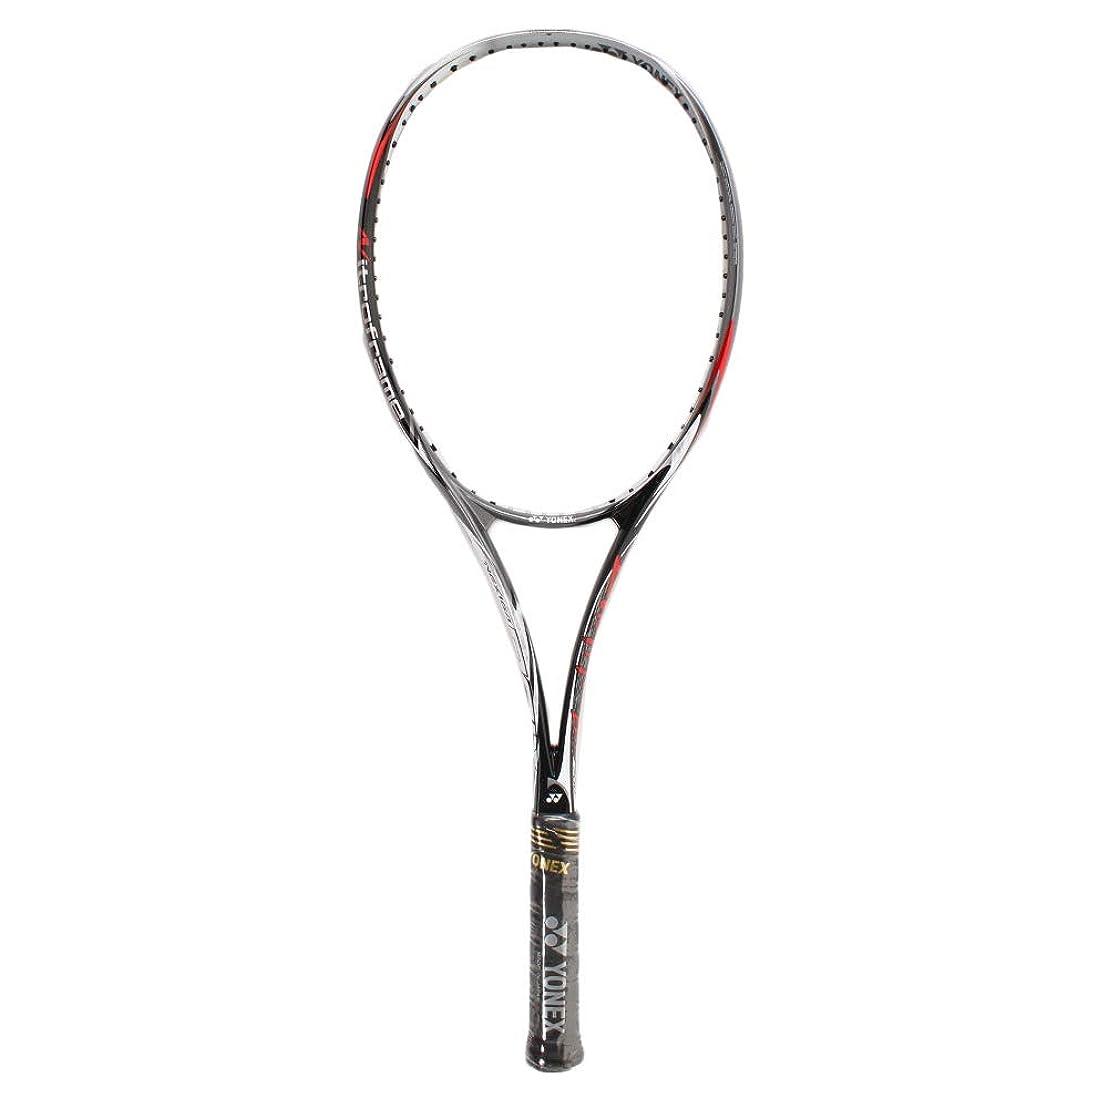 ゼリー手紙を書くハント◎Yonex(ヨネックス) ネクシーガ 70Vリミテッド(ソフトテニス用) テニス ラケット NXG70VLD-187